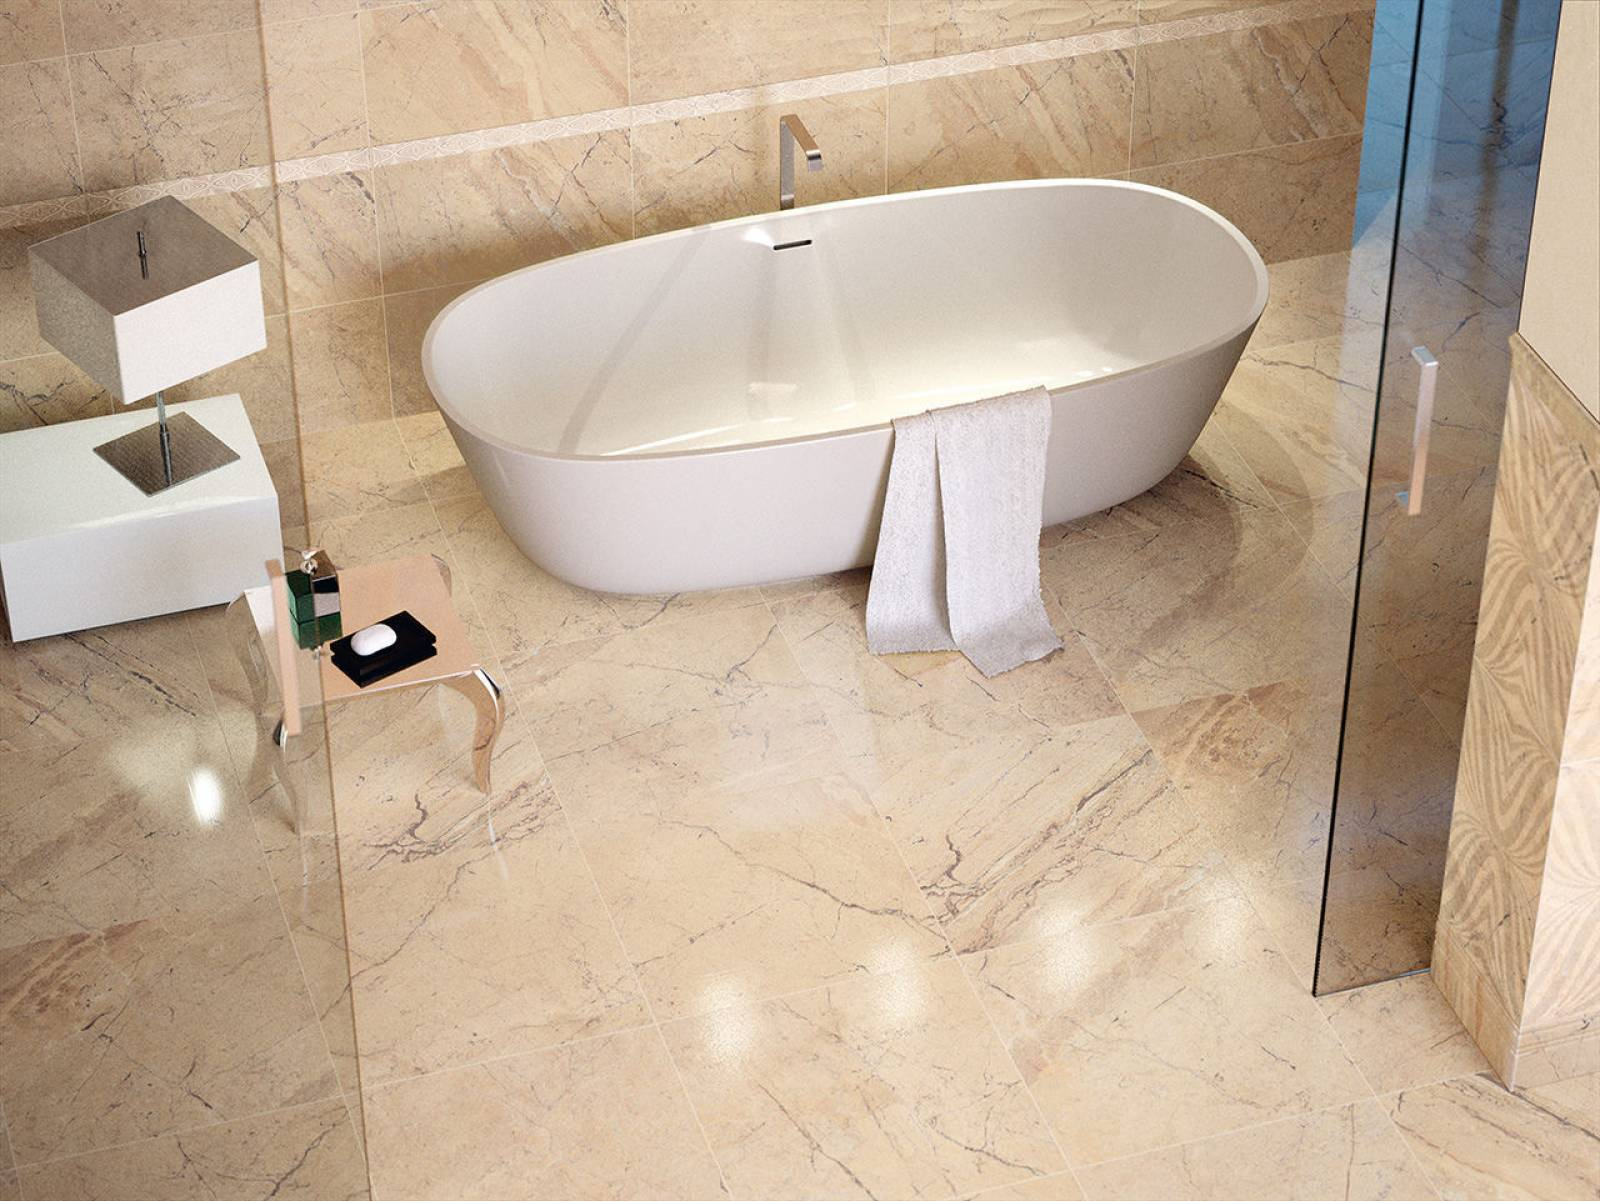 Carrelage marbre pas cher tendance d co tuiles c ramiques - Carrelage marbre pas cher ...